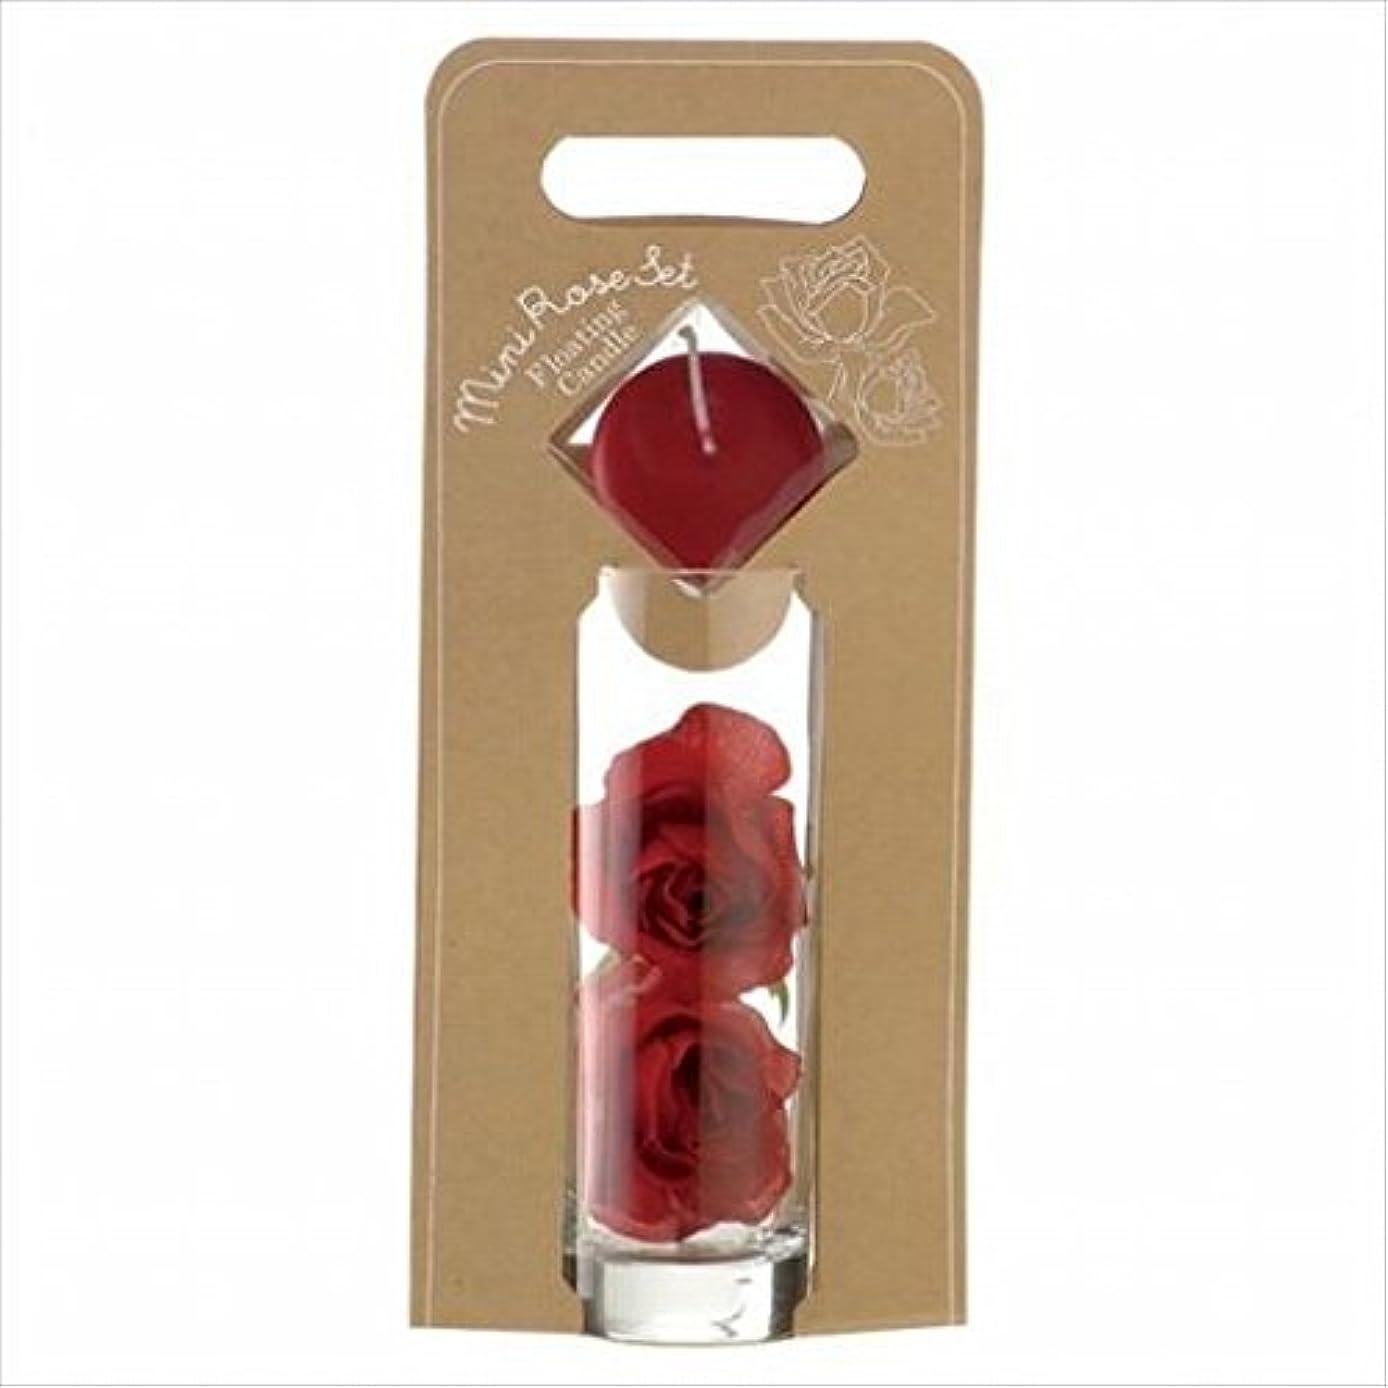 適度な氏提案するkameyama candle(カメヤマキャンドル) ミニローズセット 「 ワインレッド 」(A7620005WR)